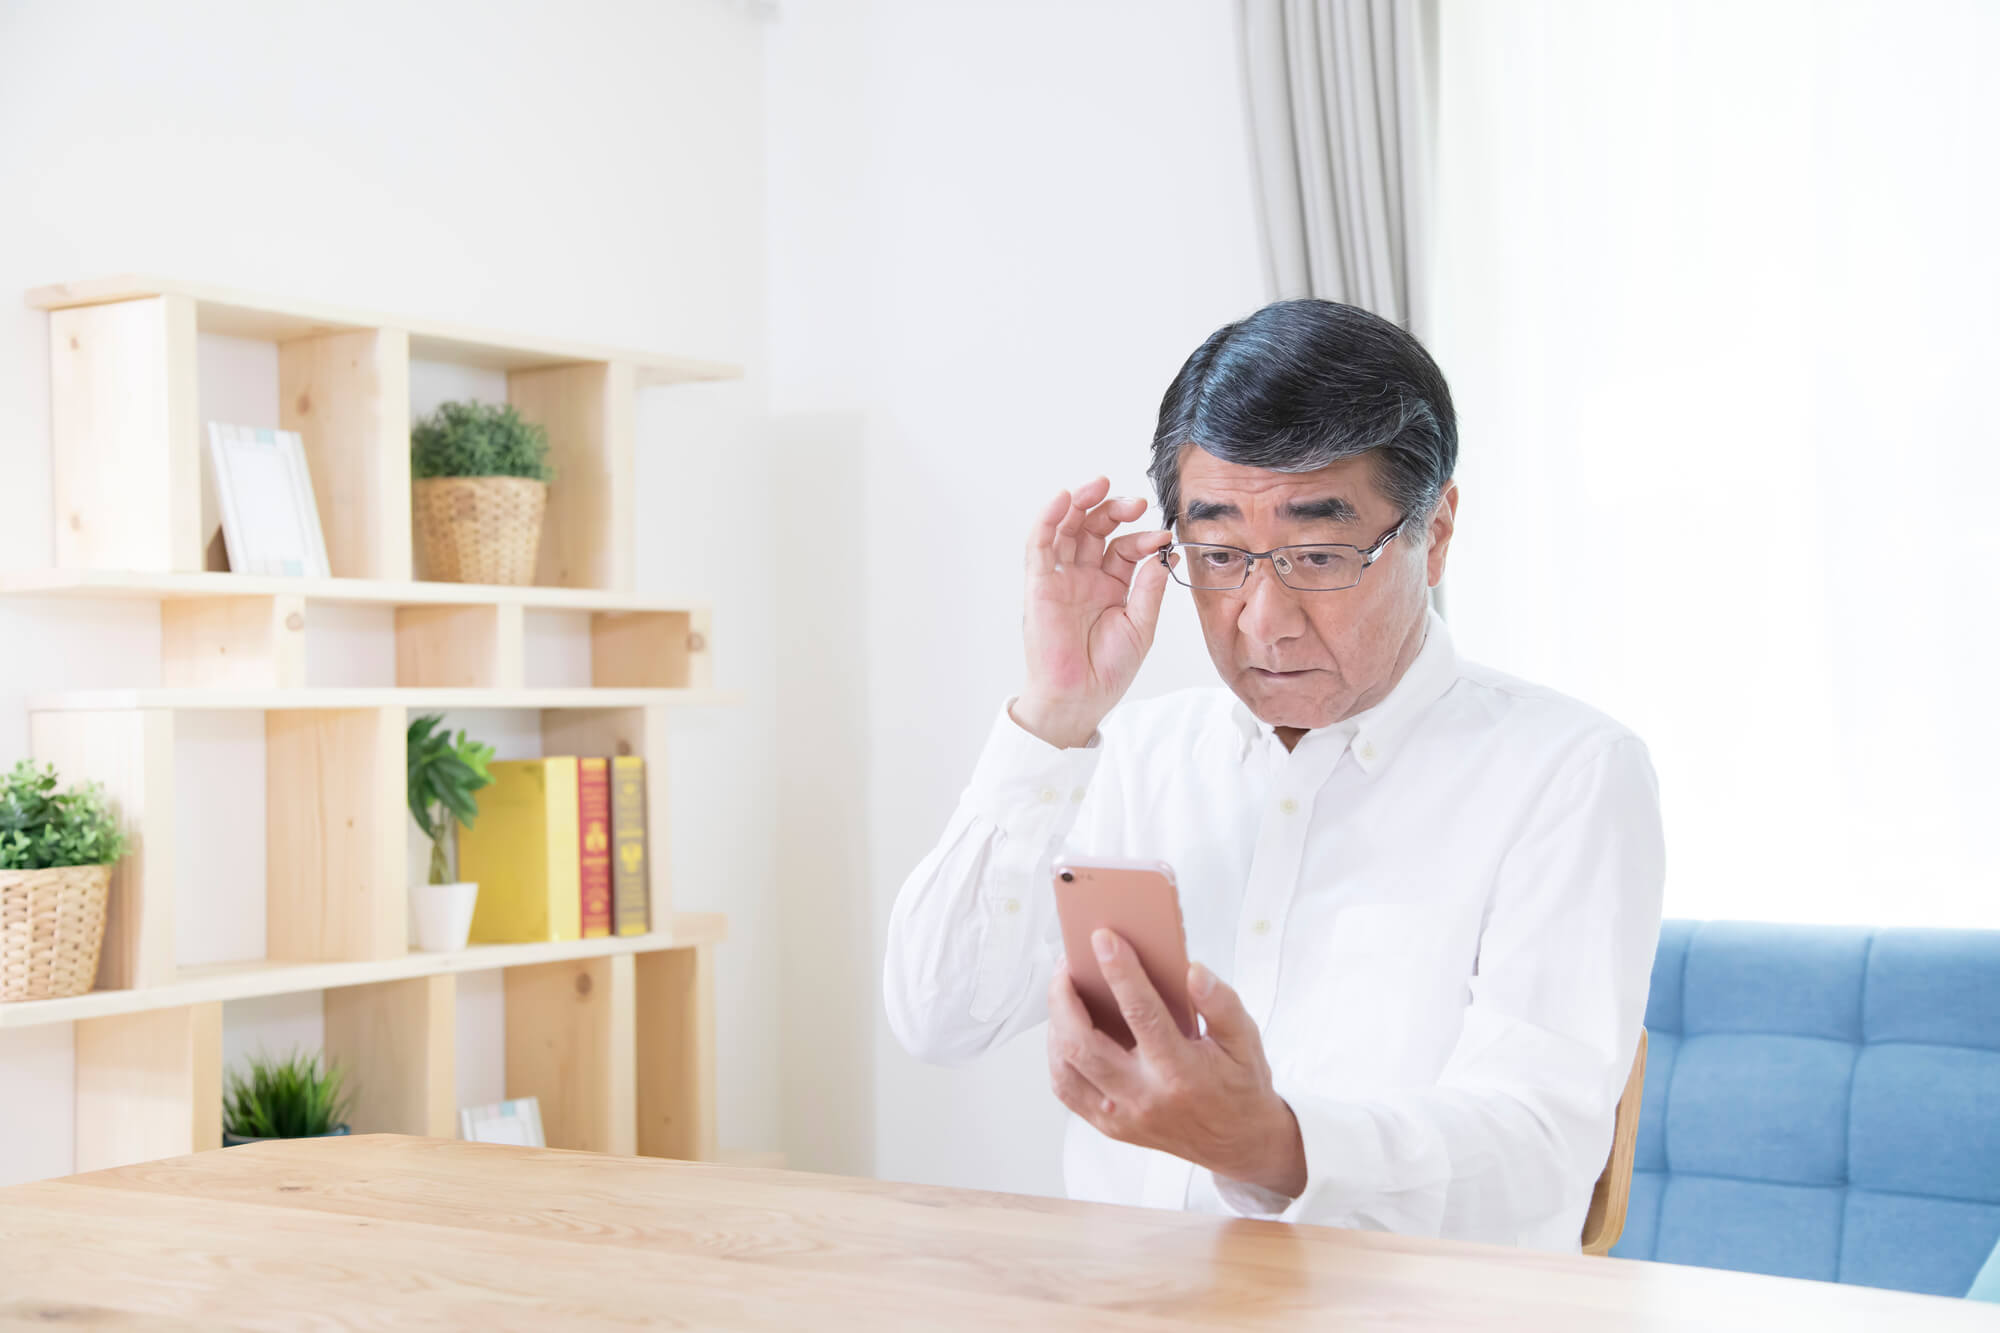 パスワードがわからない!ネット銀行の預金が下ろせない!デジタル資産に要注意 - 相続オナヤミ相談 花沢事務所